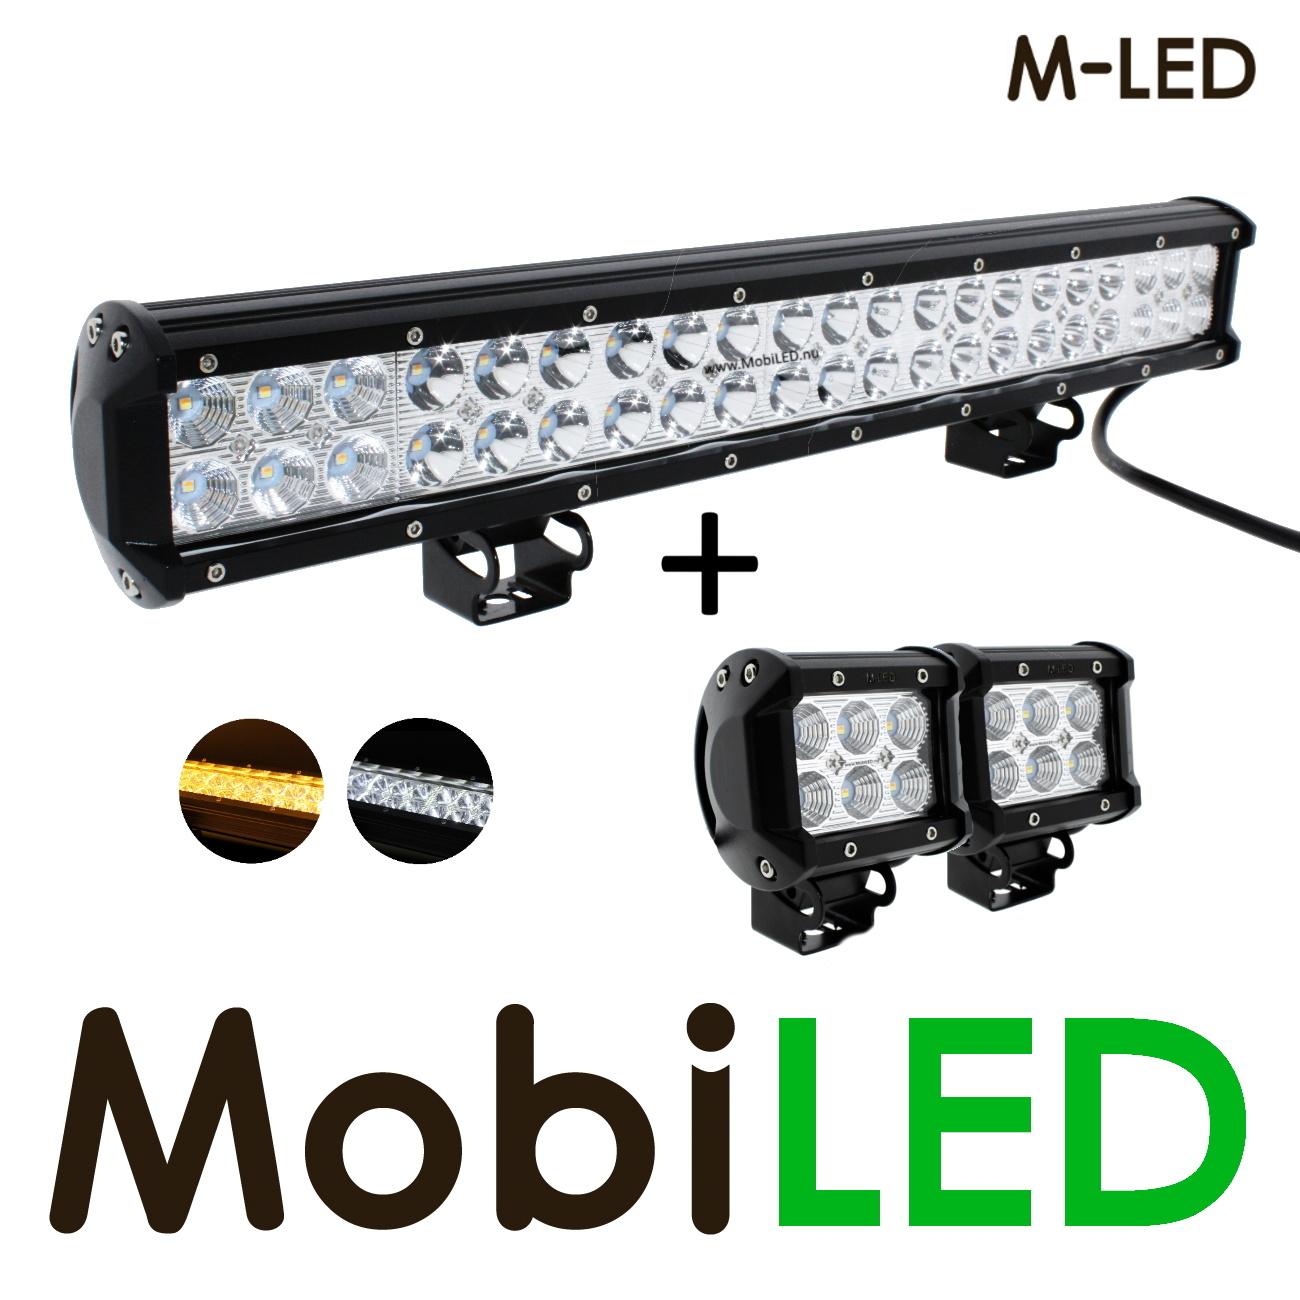 M-LED Actieset: 126w LED bar + 2x 18w breedstraler met amber flitser